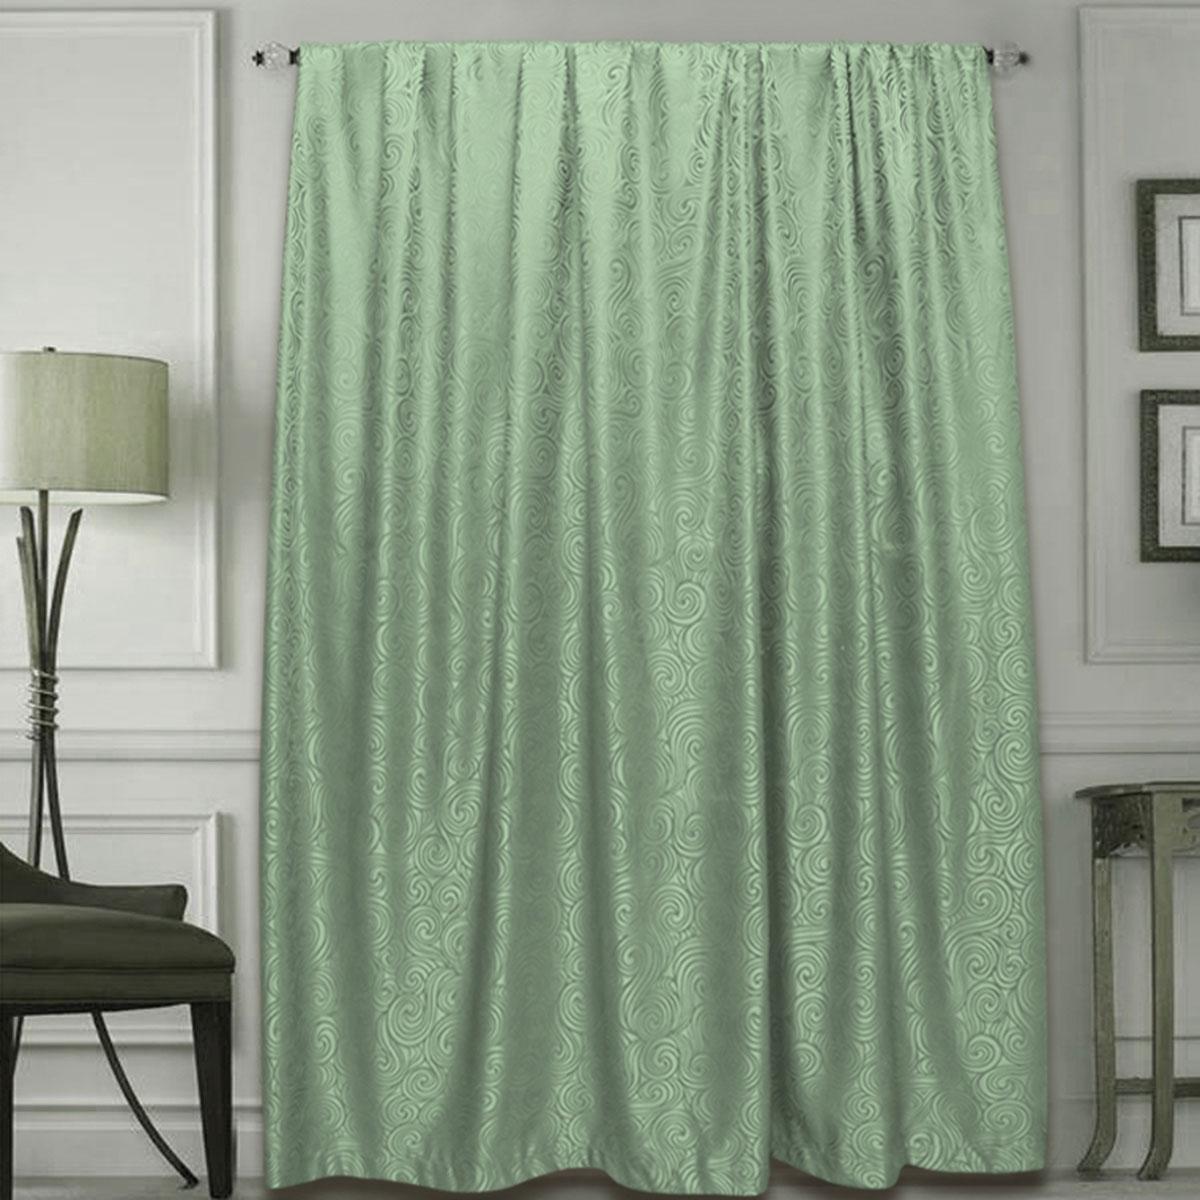 Штора Amore Mio, на ленте, цвет: зеленый, высота 270 см80663Готовая штора Amore Mio - это роскошная портьера для яркого и стильного оформления окон и создания особенной уютной атмосферы. Она великолепно смотрится как одна, так и в паре, в комбинации с нежной тюлевой занавеской, собранная на подхваты и свободно ниспадающая естественными складками.Такая штора, изготовленная полностью из прочного и очень практичного полиэстера, долговечна и не боится стирок, не сминается, не теряет своего блеска и яркости красок.